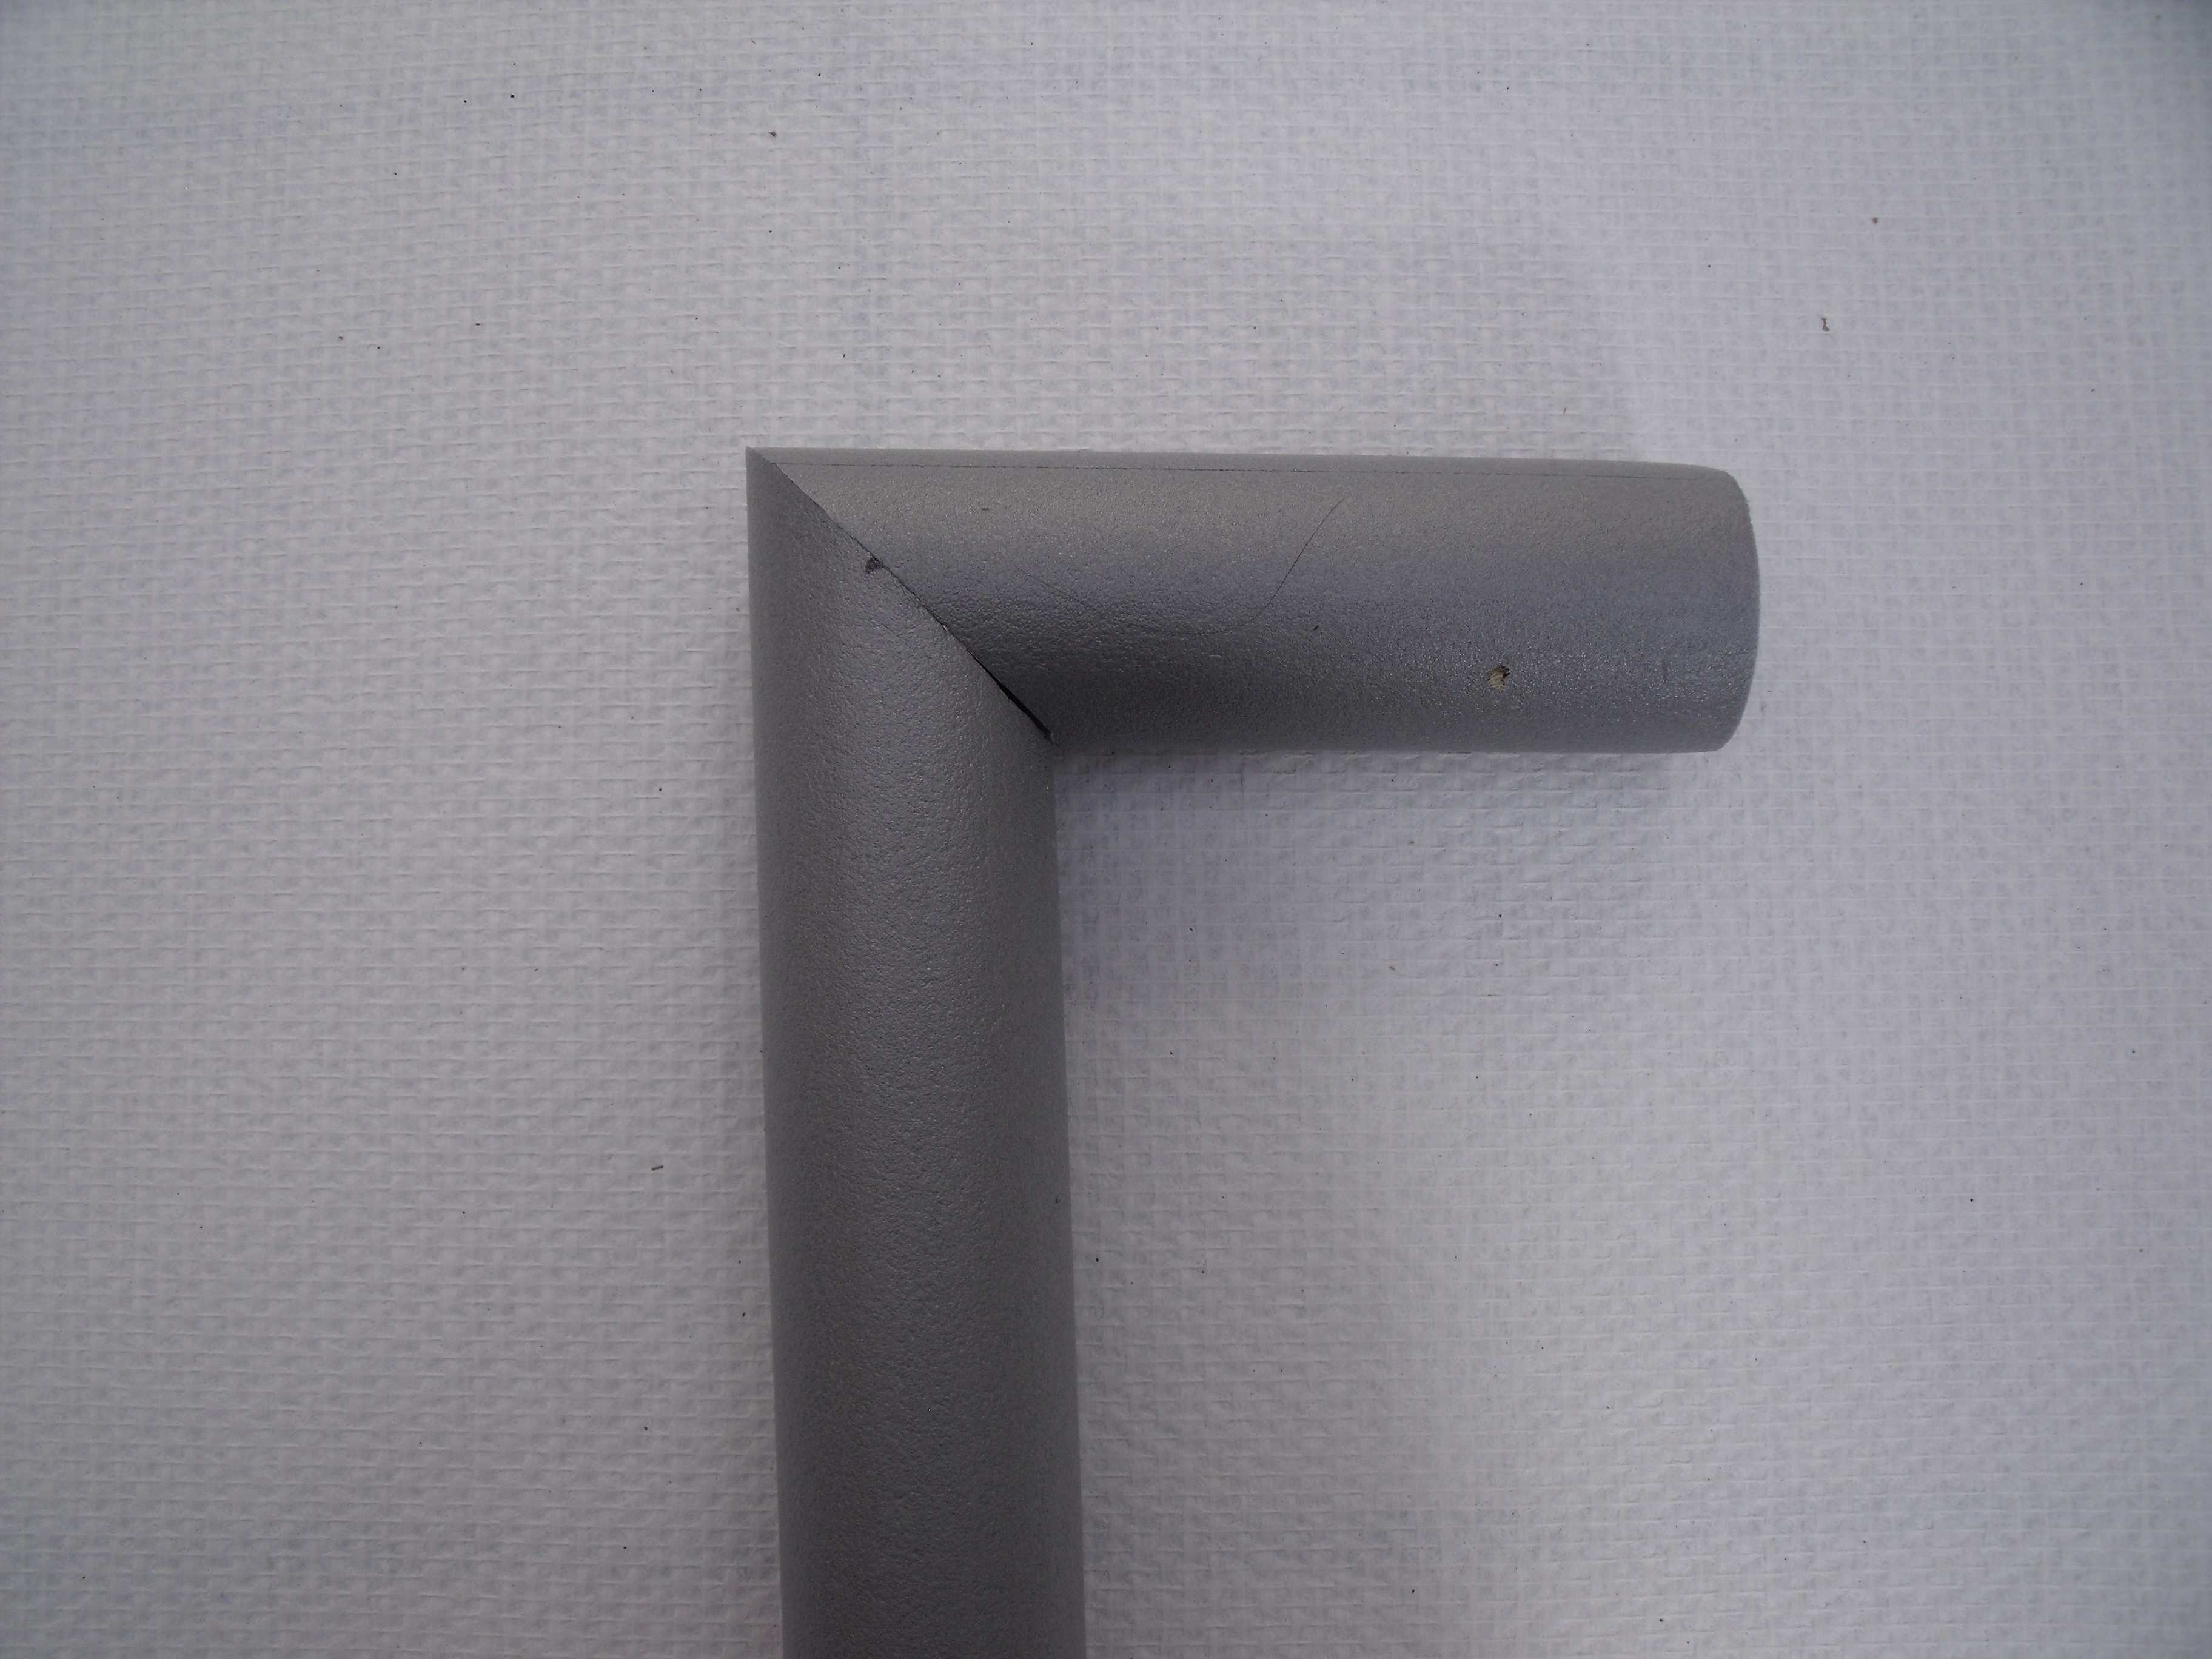 Heizungsrohre Isolieren Ganz Einfach Bauen De